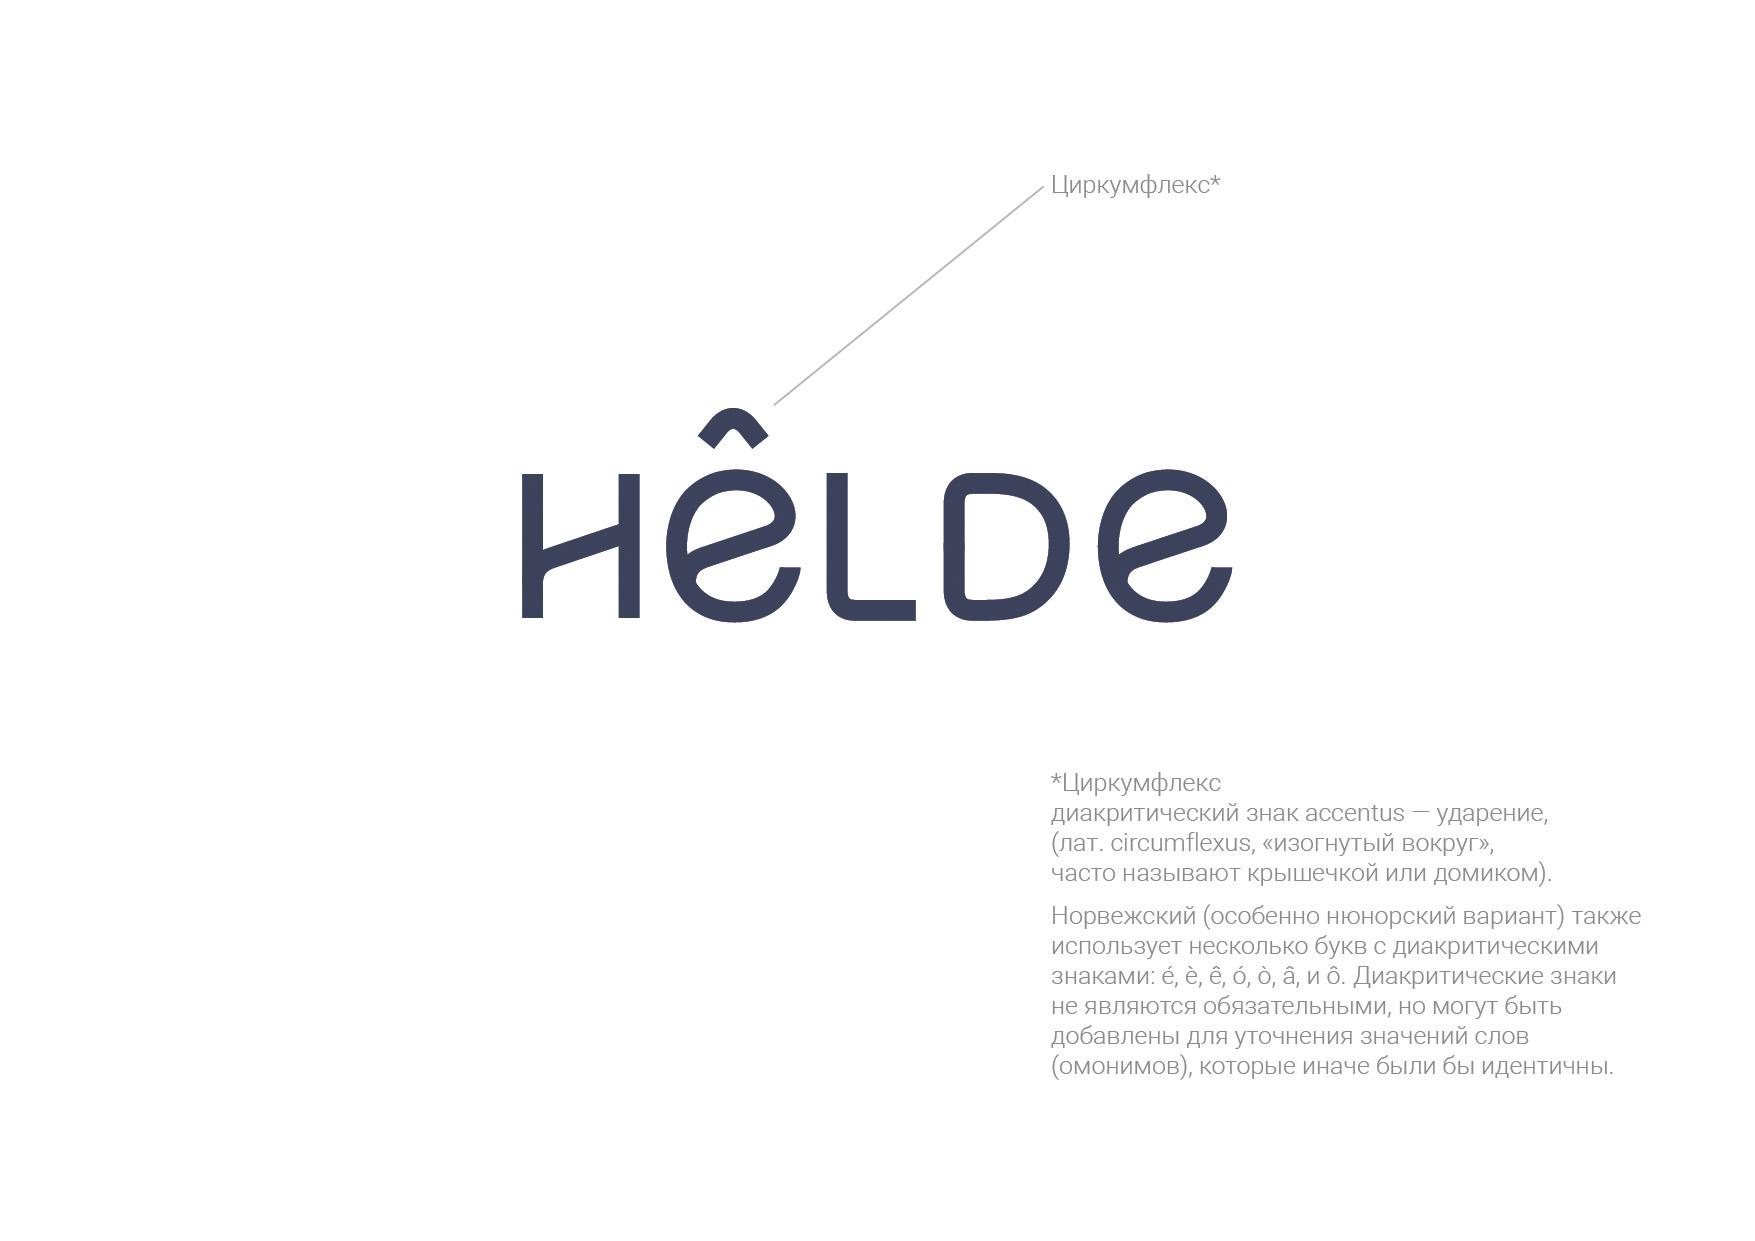 Helde_-03